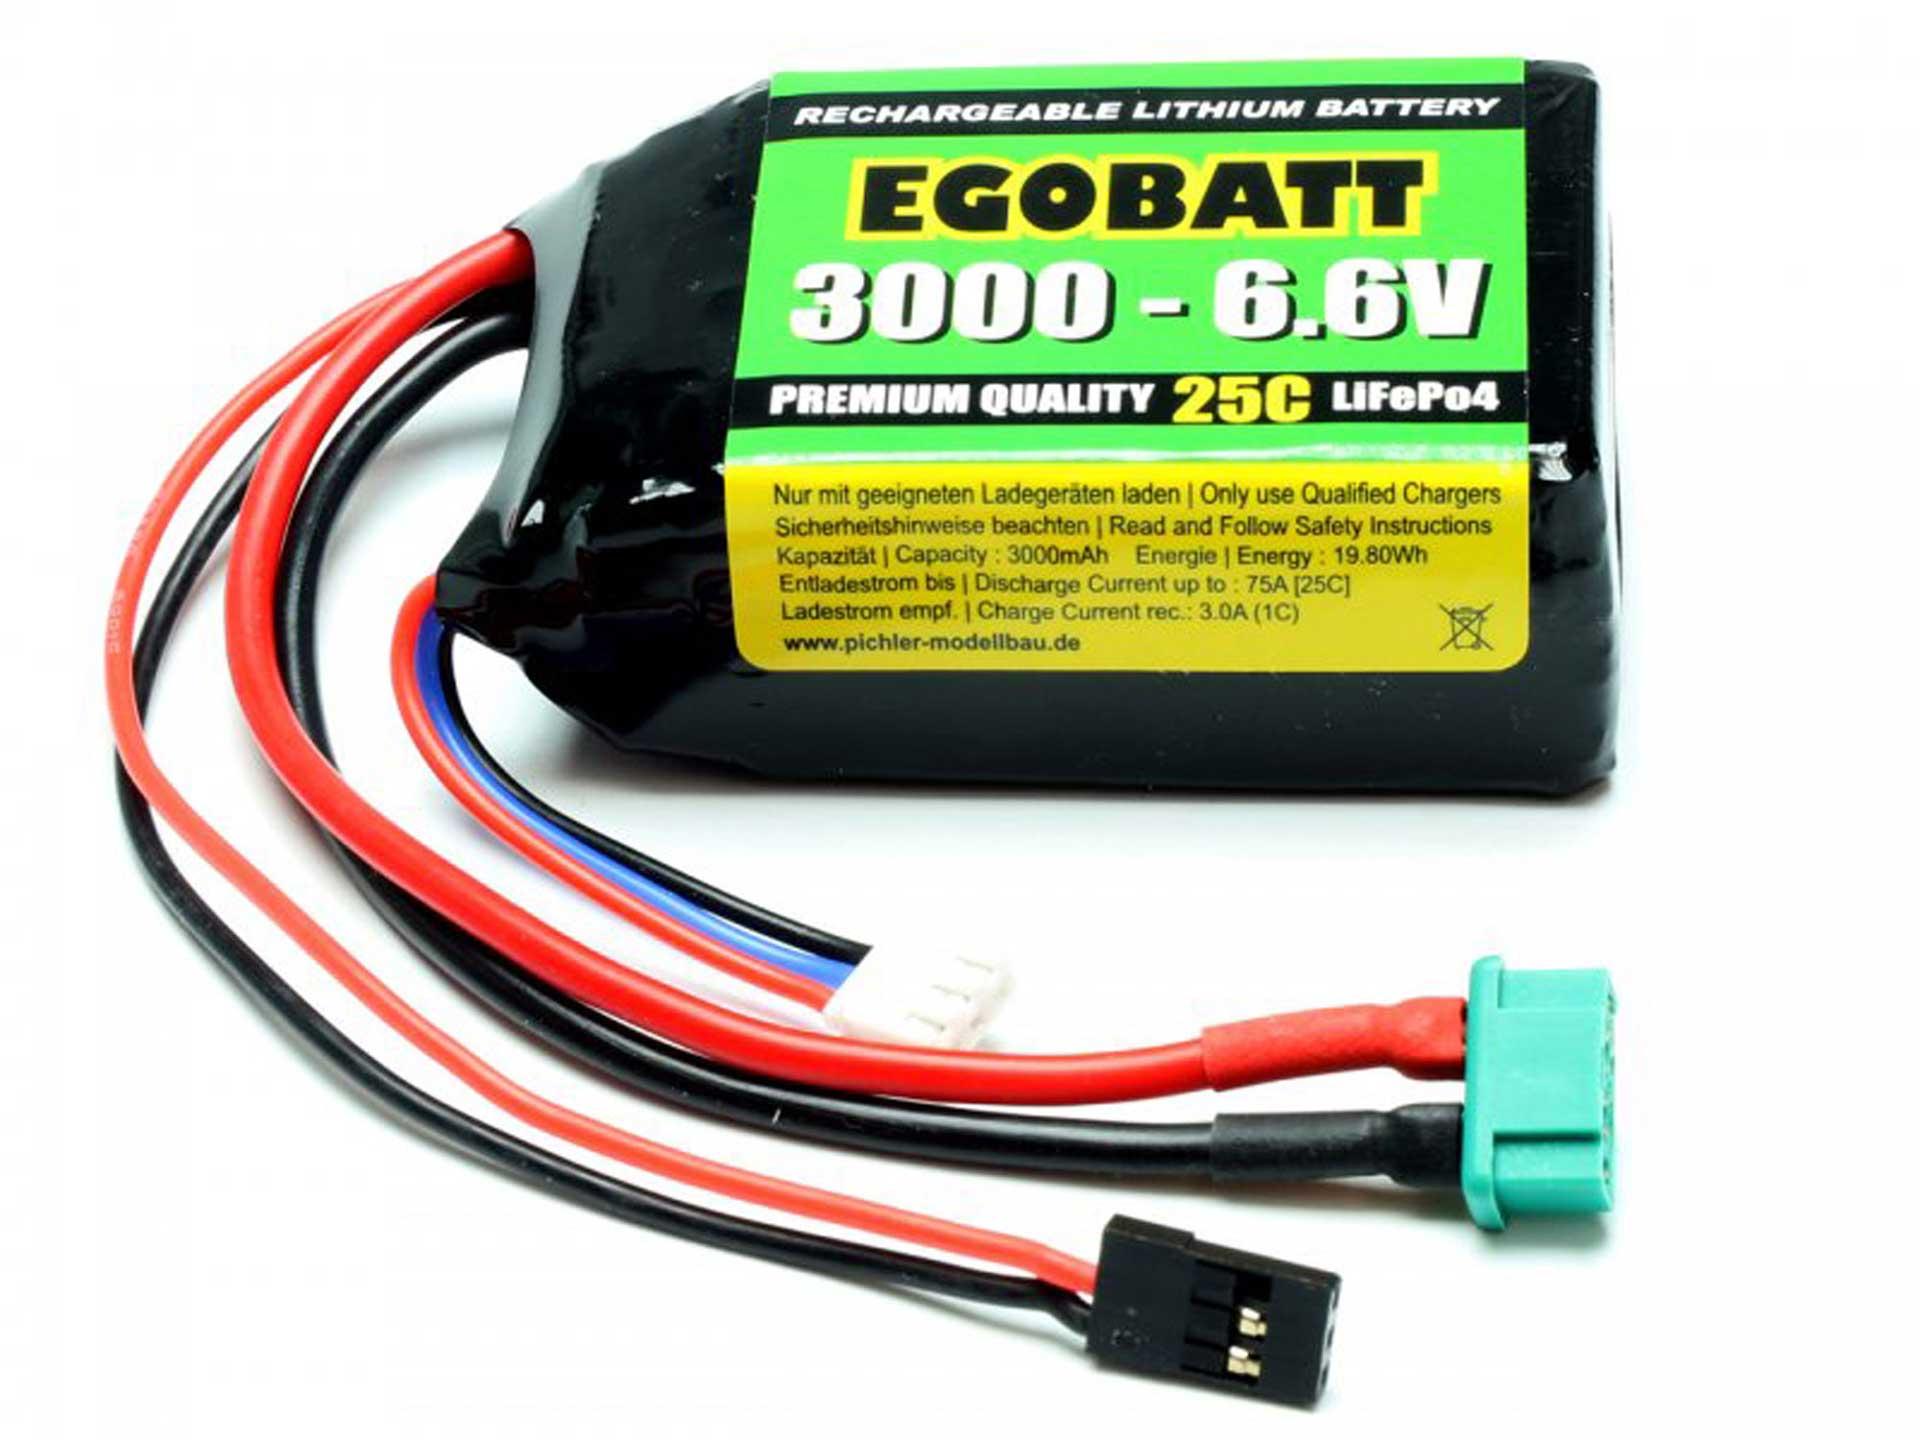 PICHLER LiFe Akku EGOBATT 3000 - 6.6V (25C)